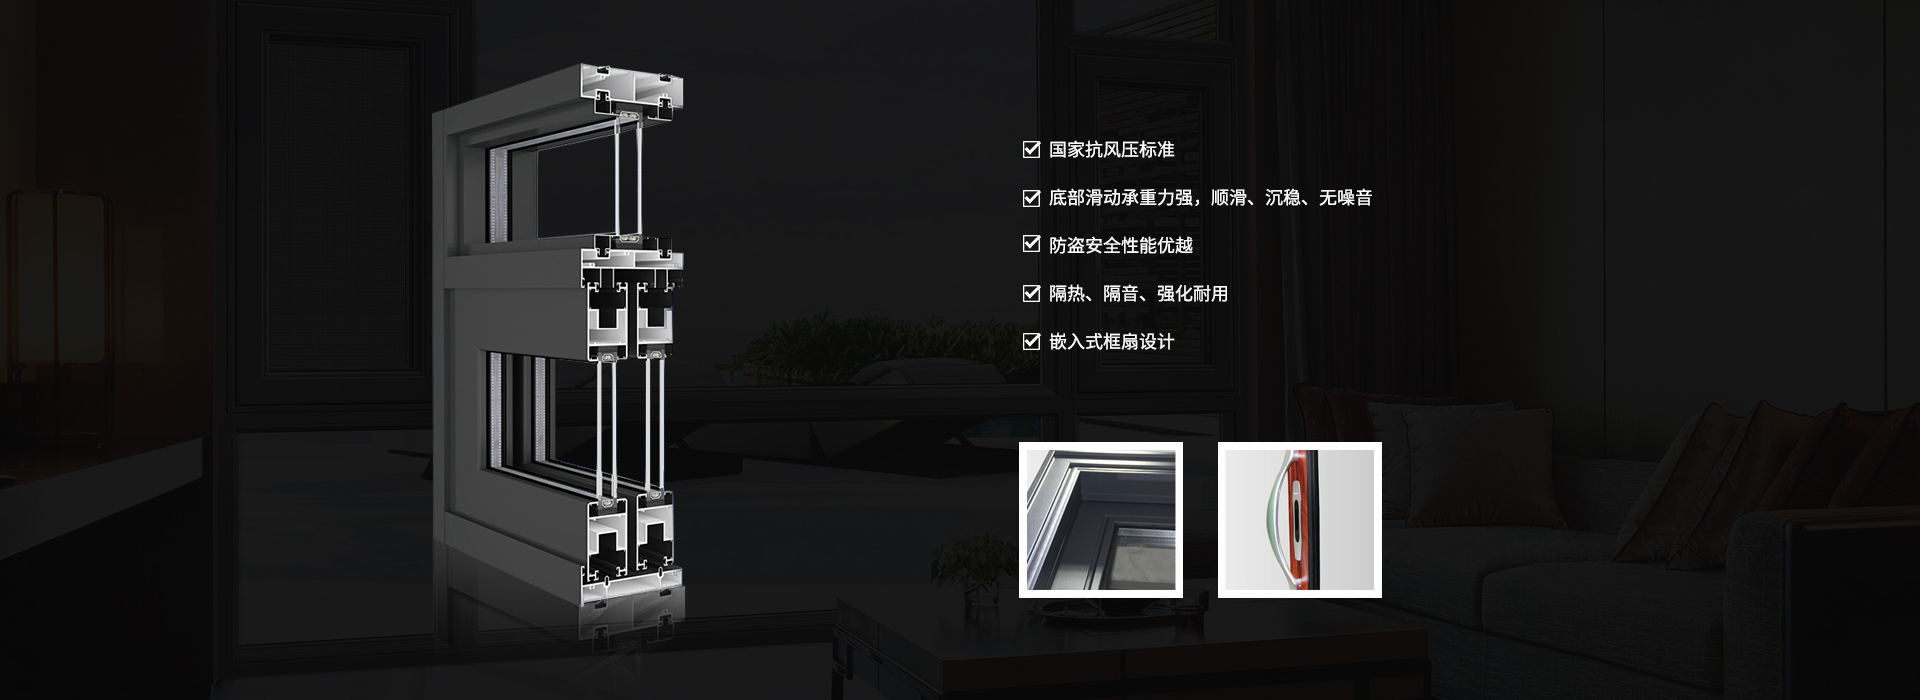 铝合金门窗的价格为什么差异这么大呢